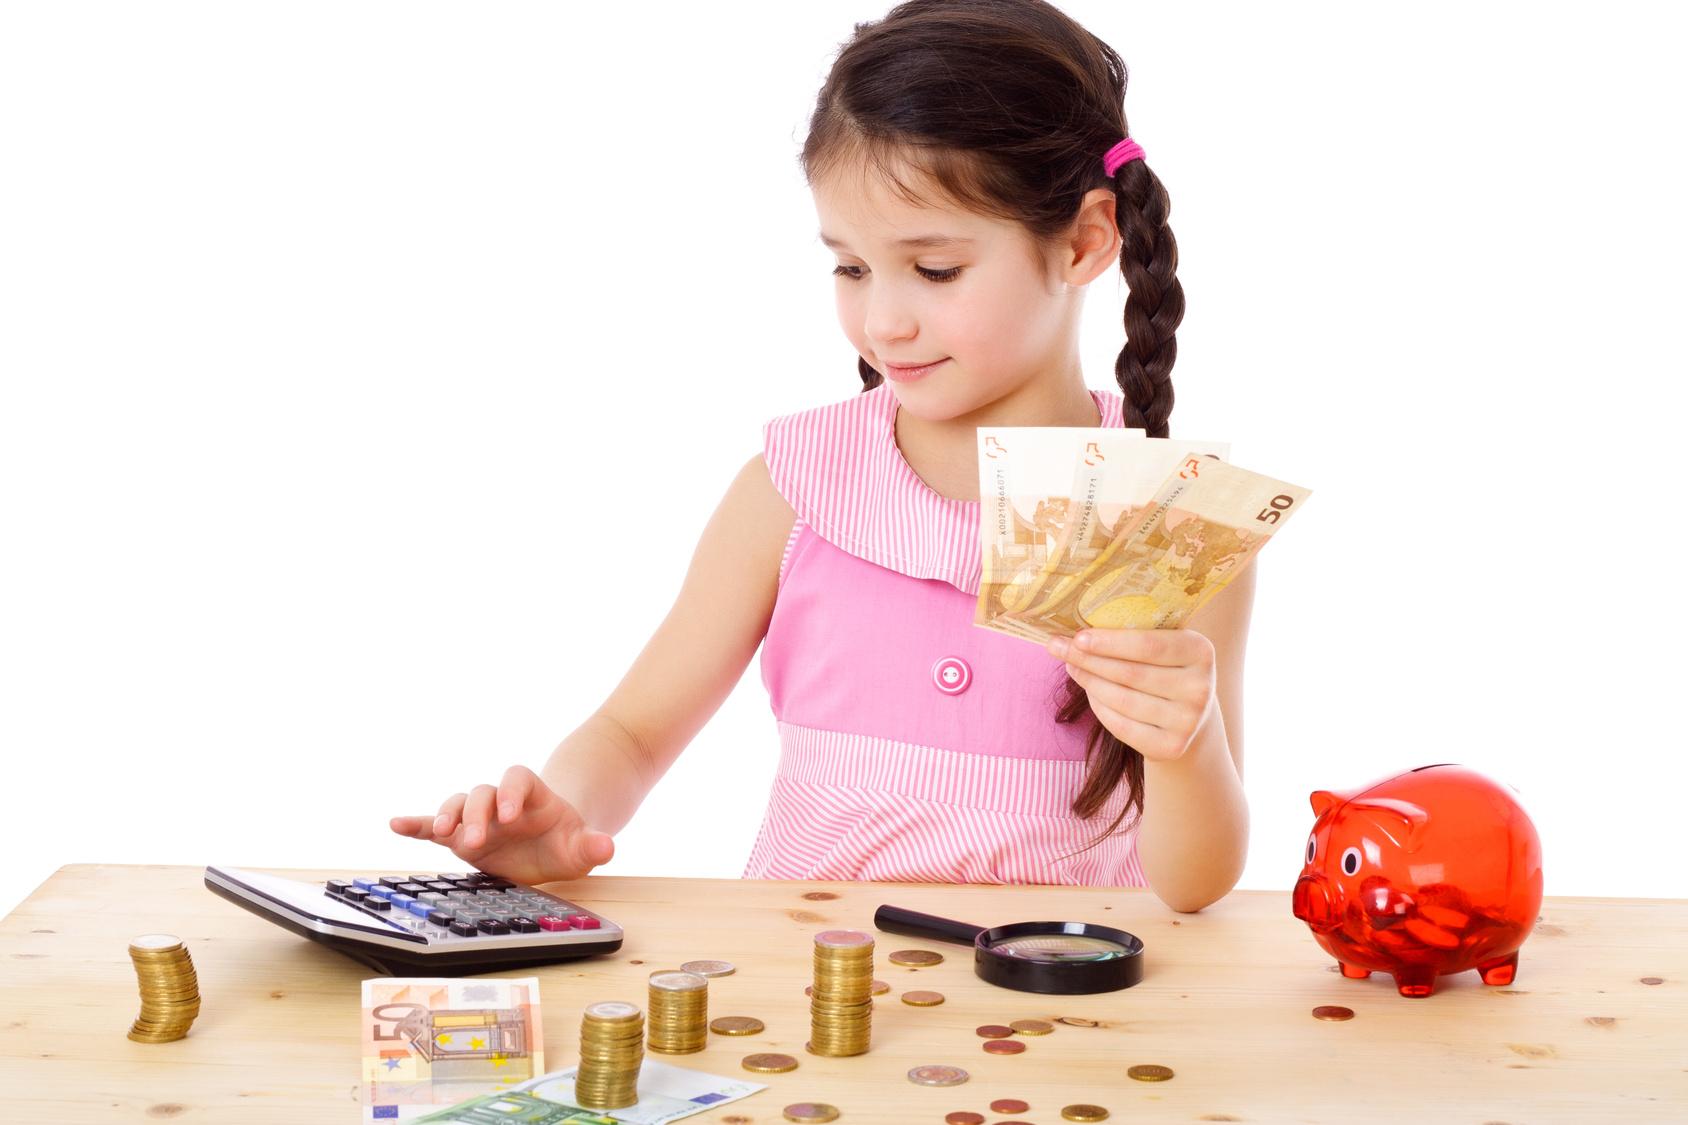 Как научить ребенка правильно относиться к деньгам?